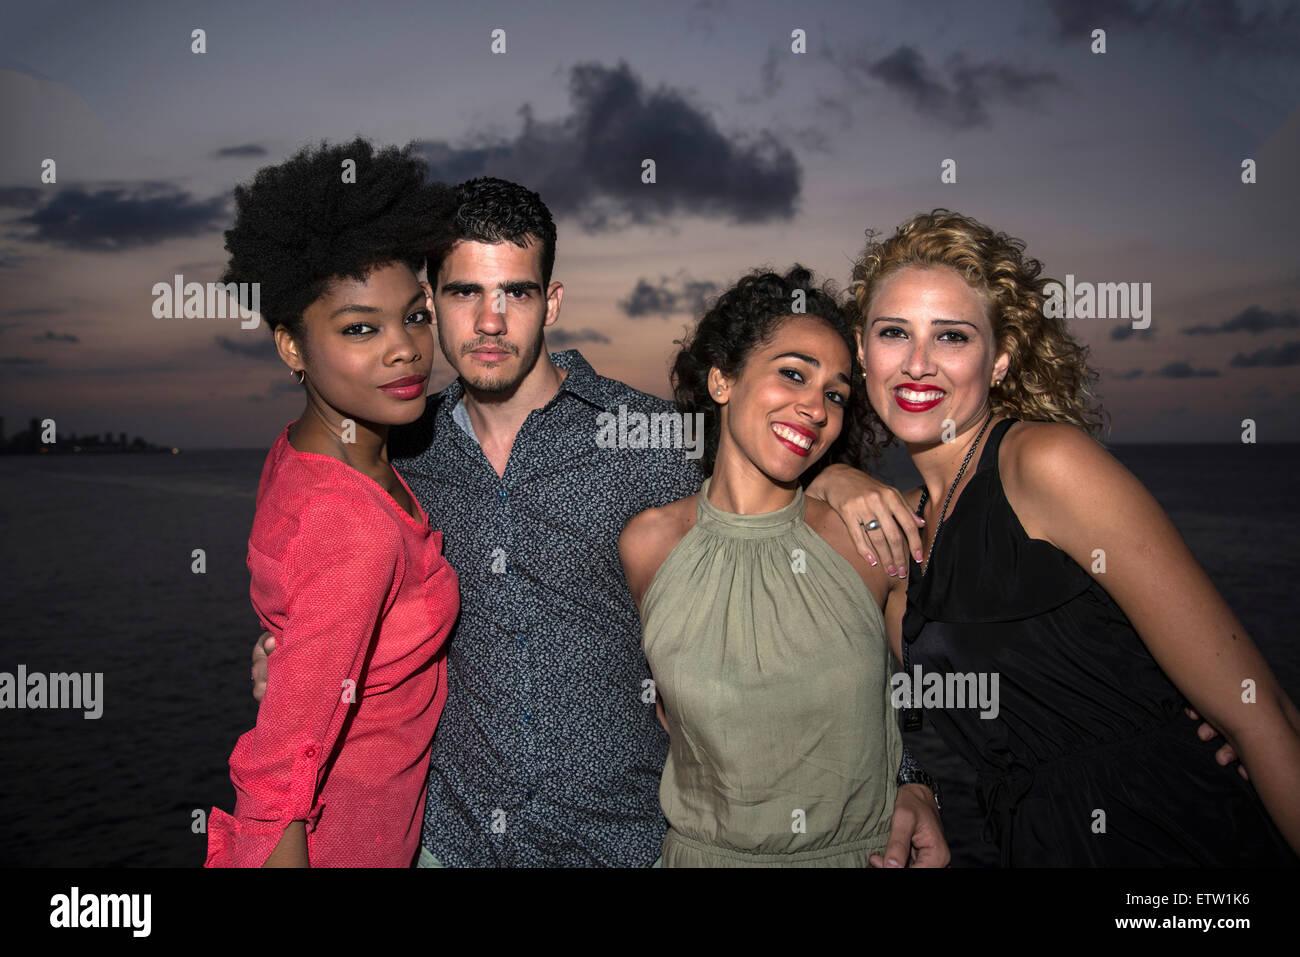 Cuatro jóvenes juntos Imagen De Stock